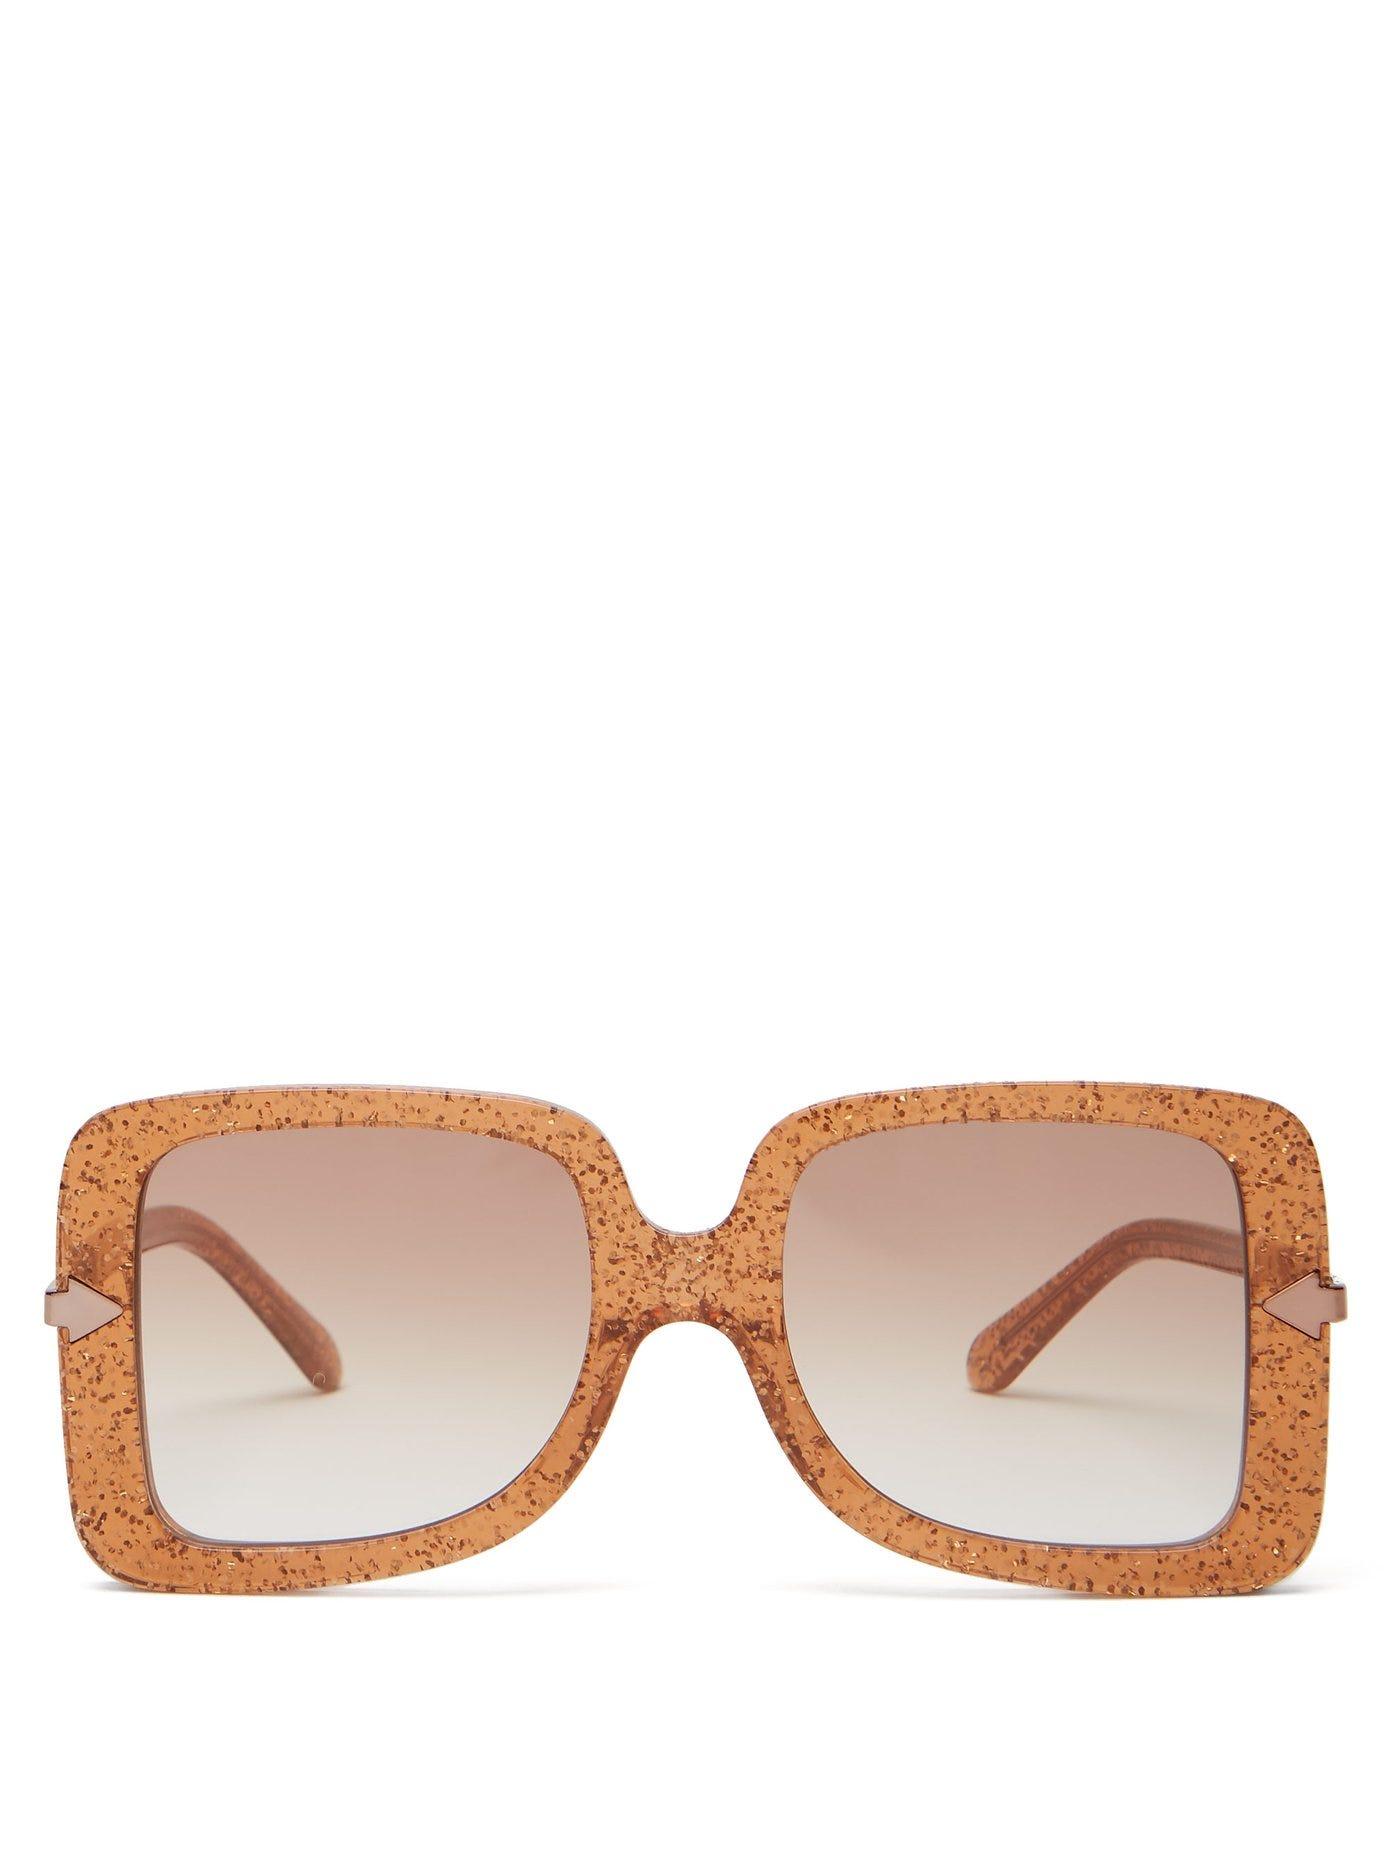 07ec23b5a3c Best Big & Oversized Sunglasses For Women 2019